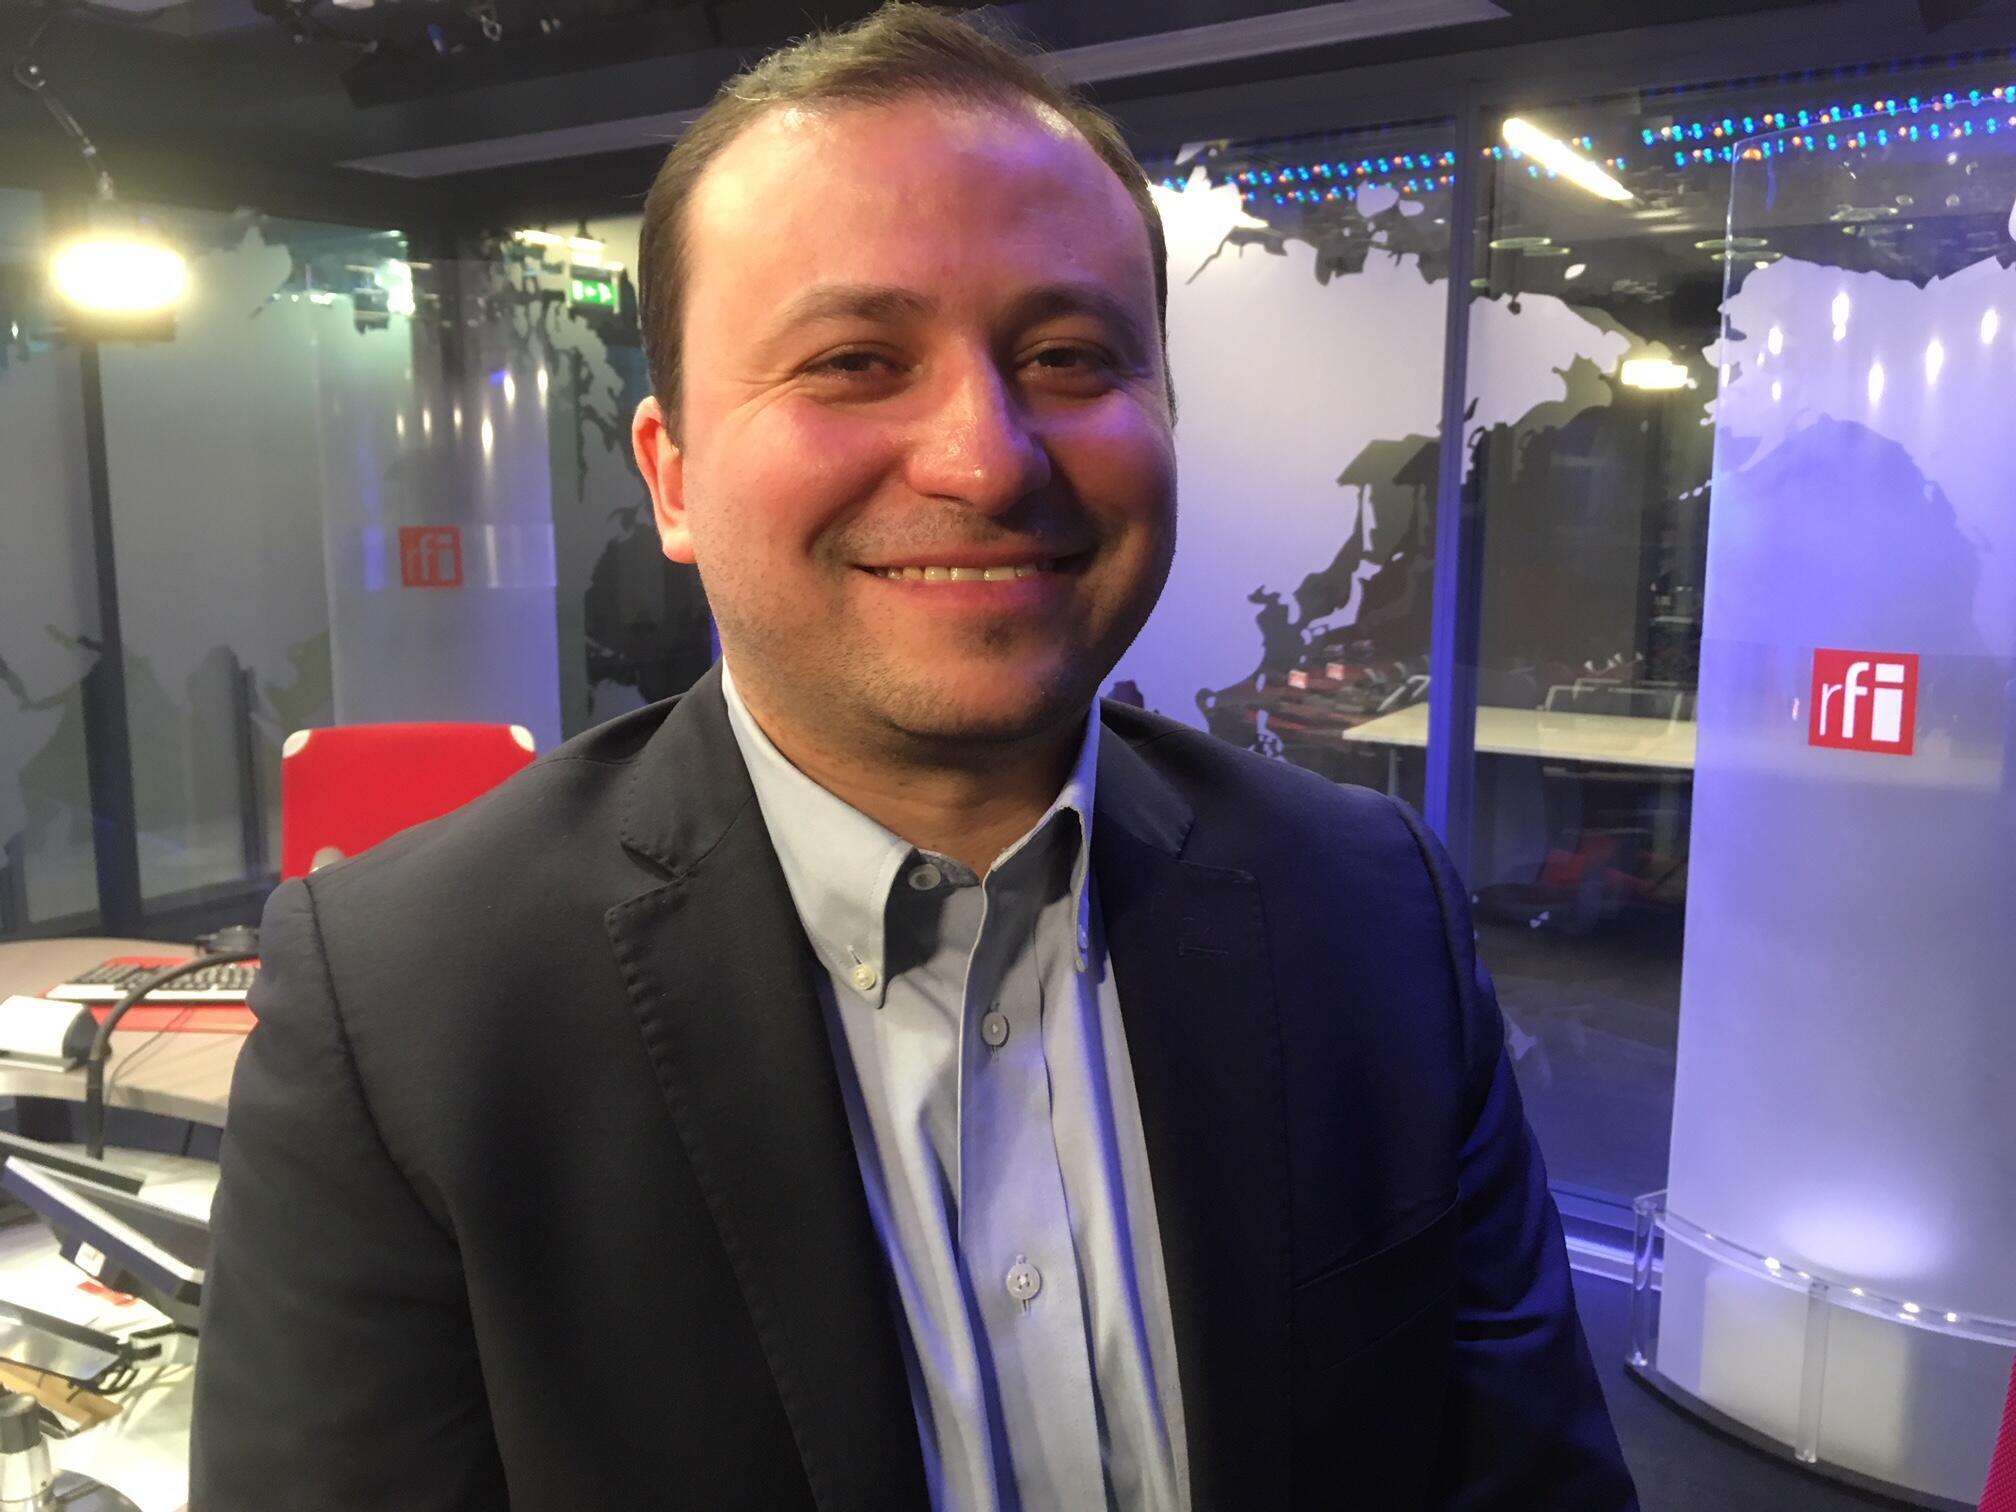 O Cientista político Gaspard Estrada